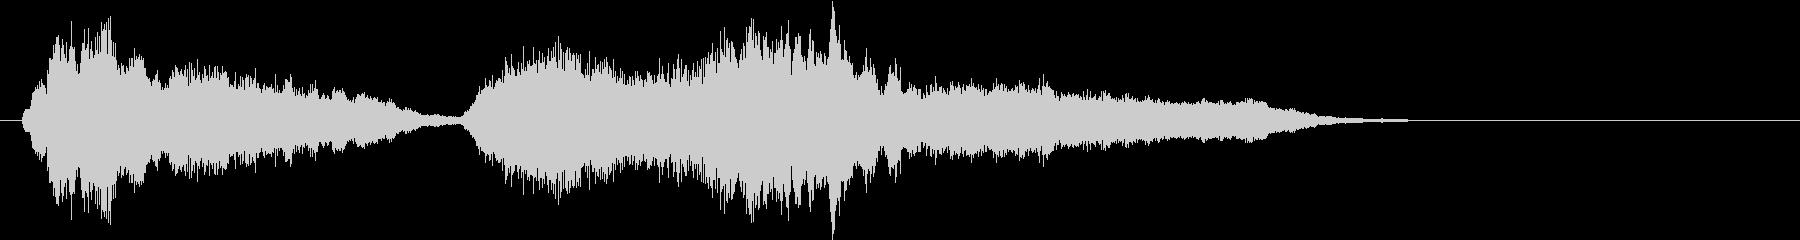 ジングル_ストリングス系の未再生の波形